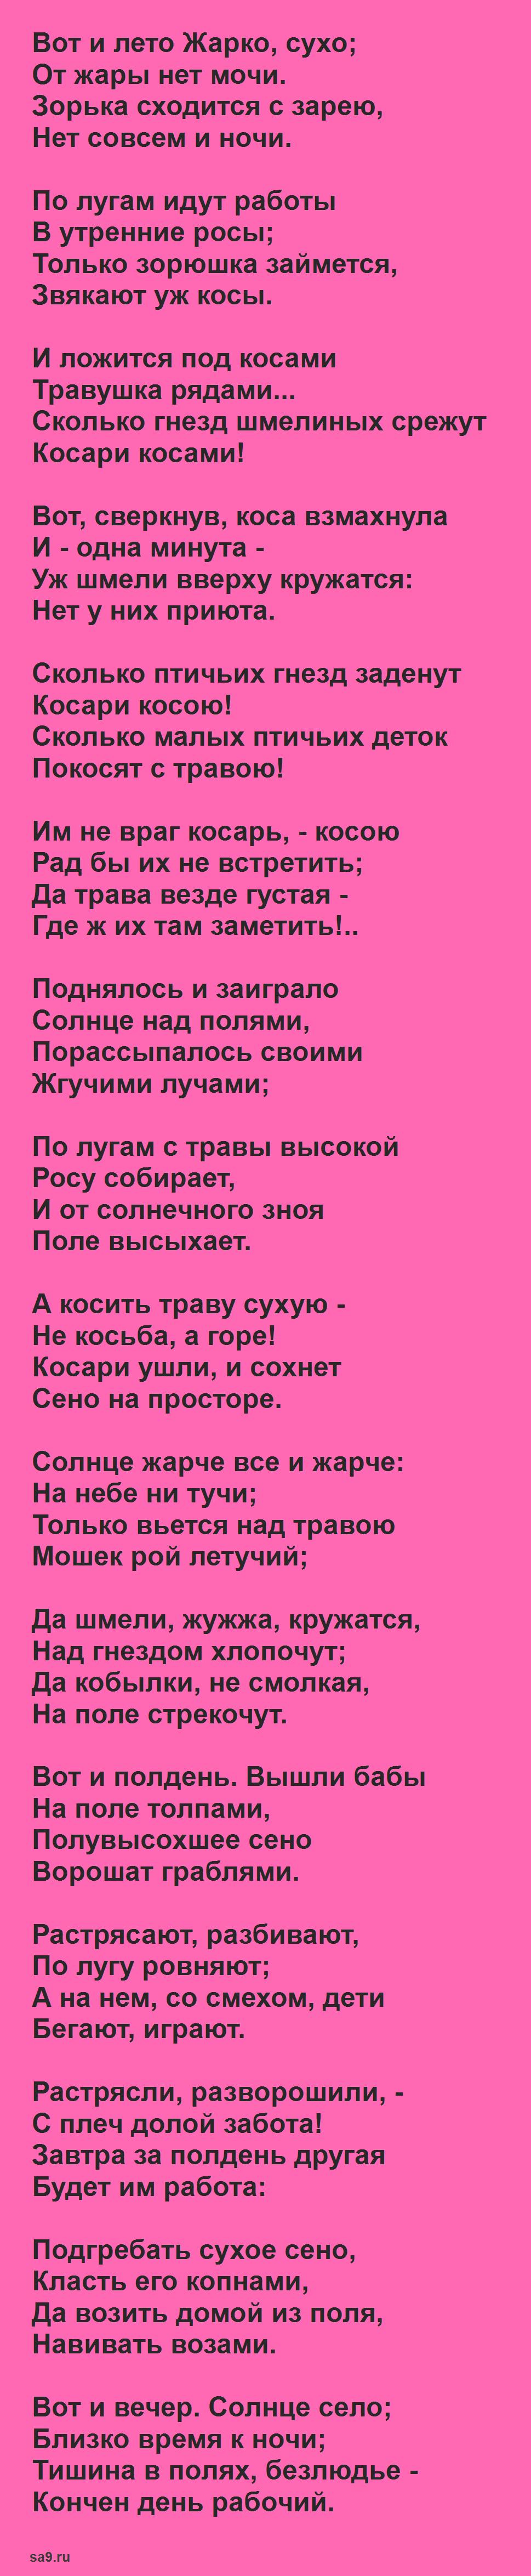 Суриков стихи - Лето